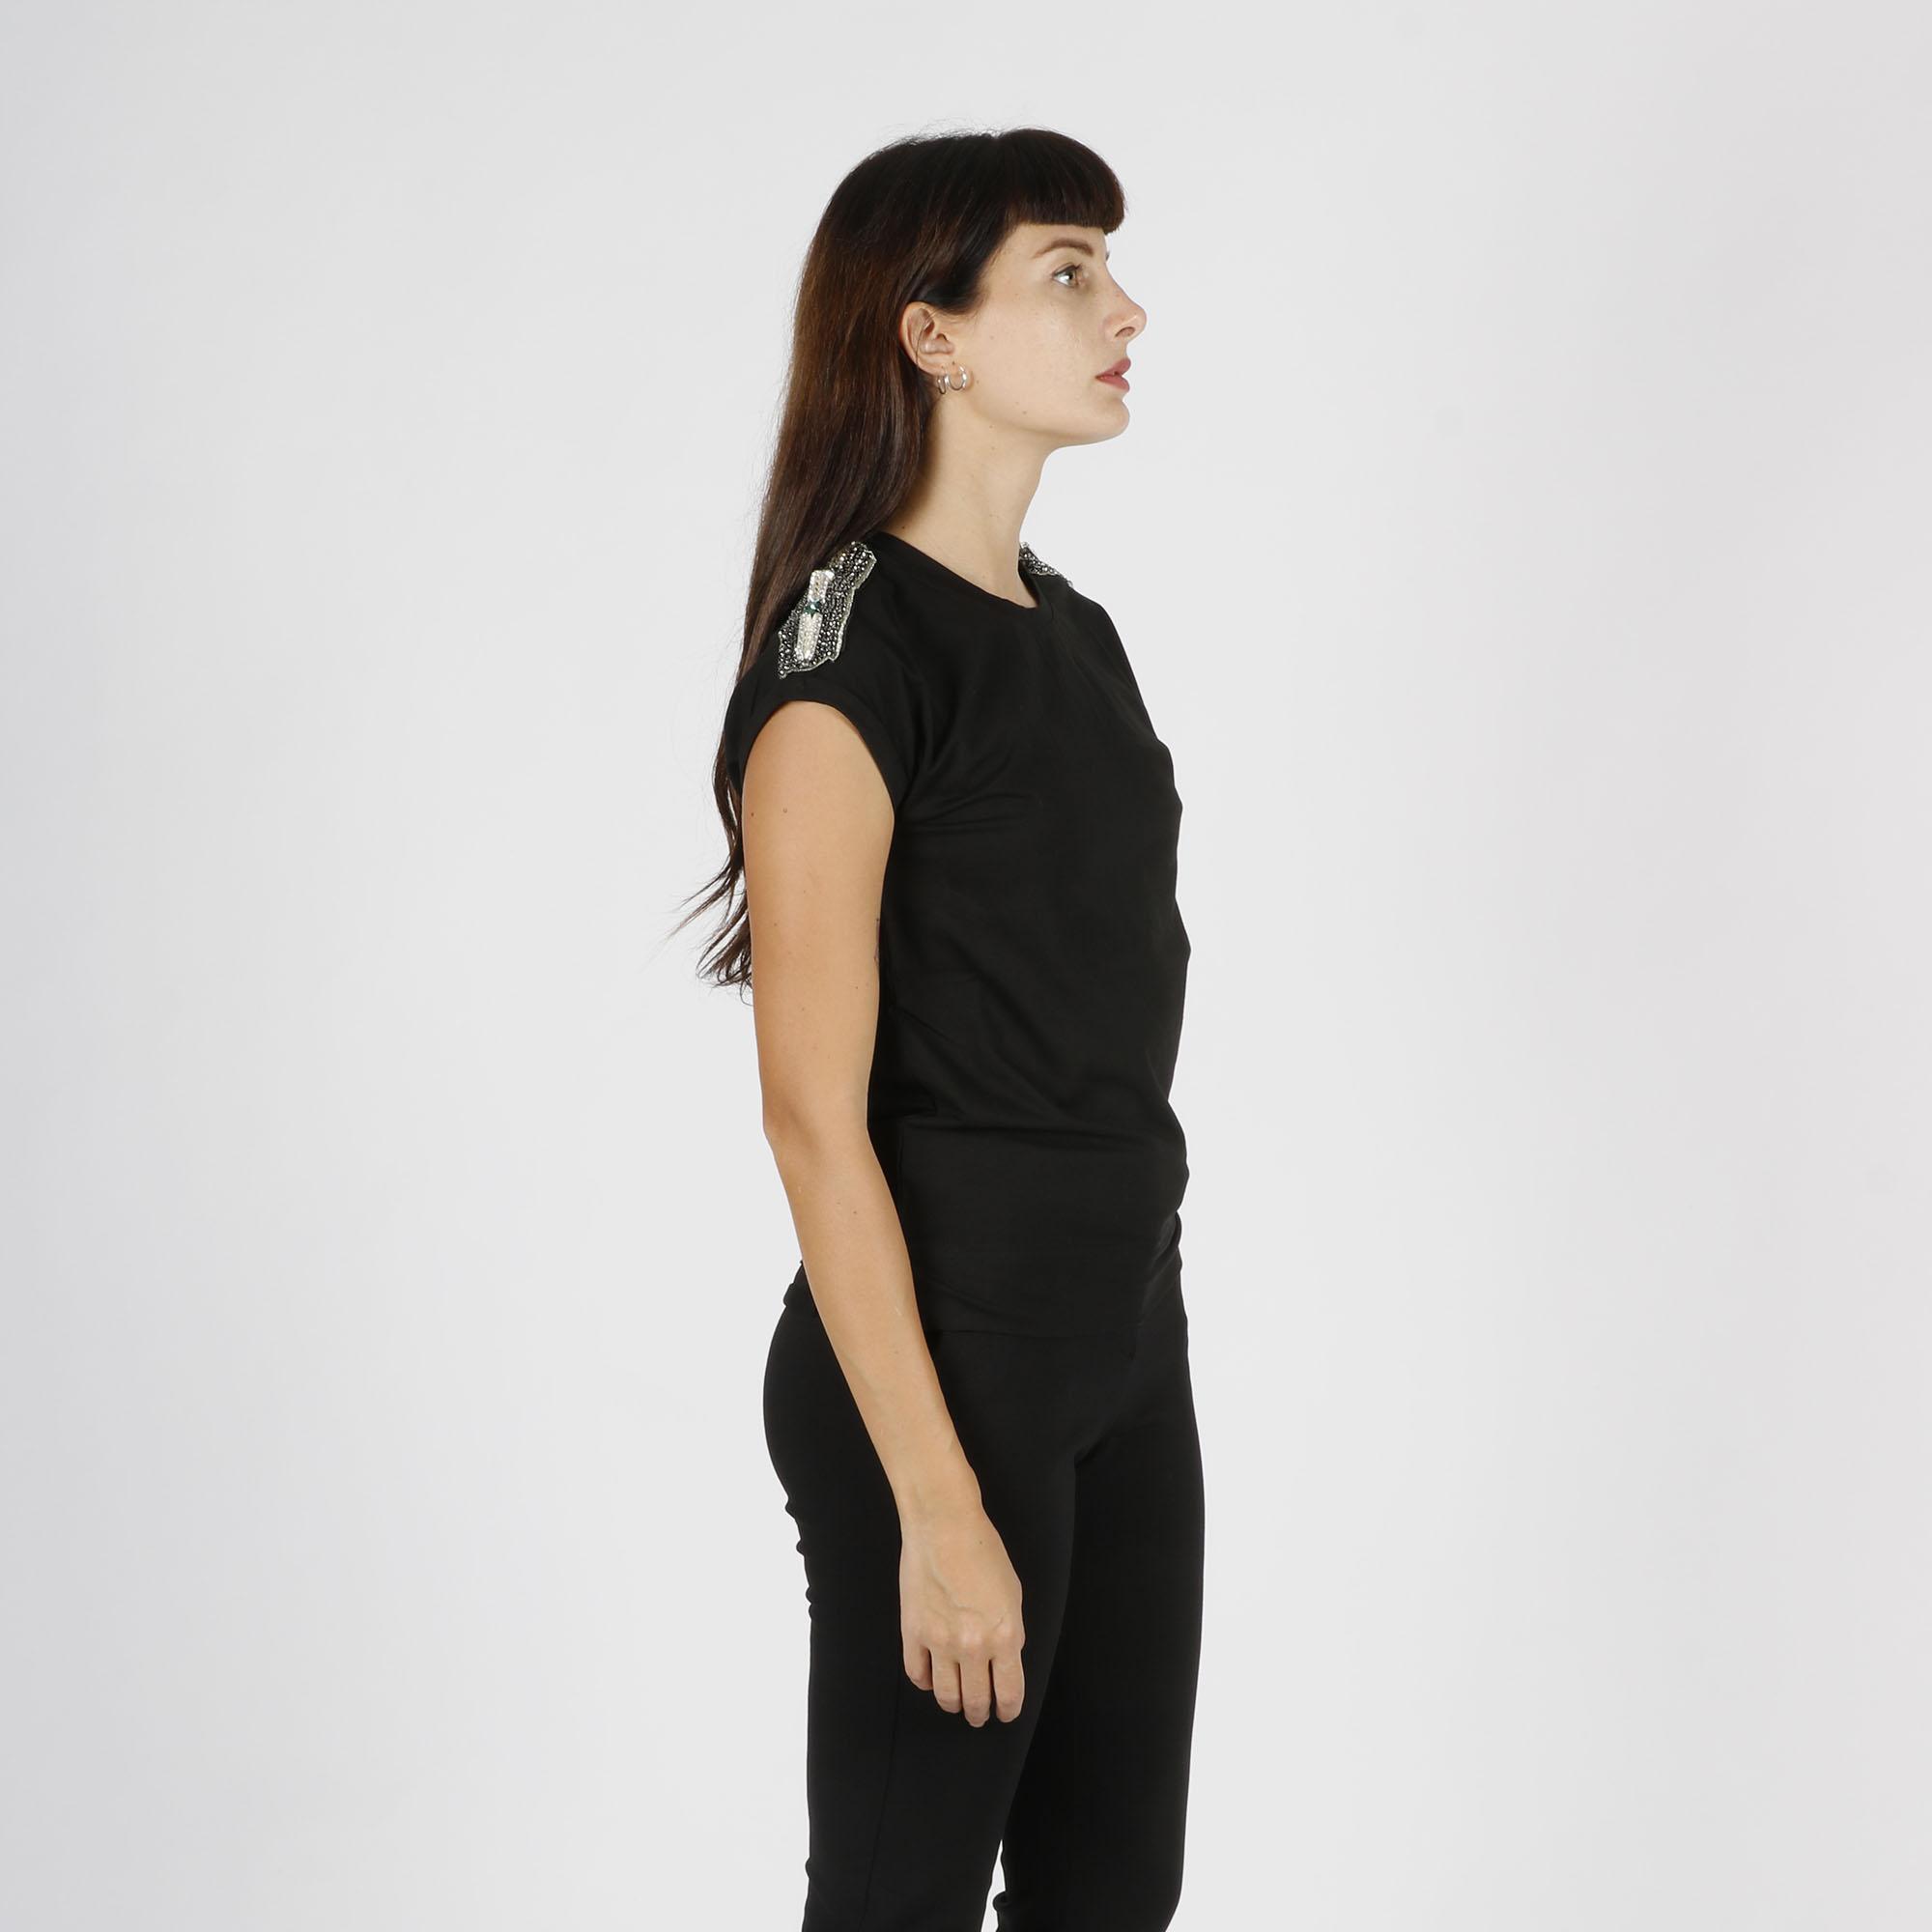 T-shirt applicazioni pietre - Nero